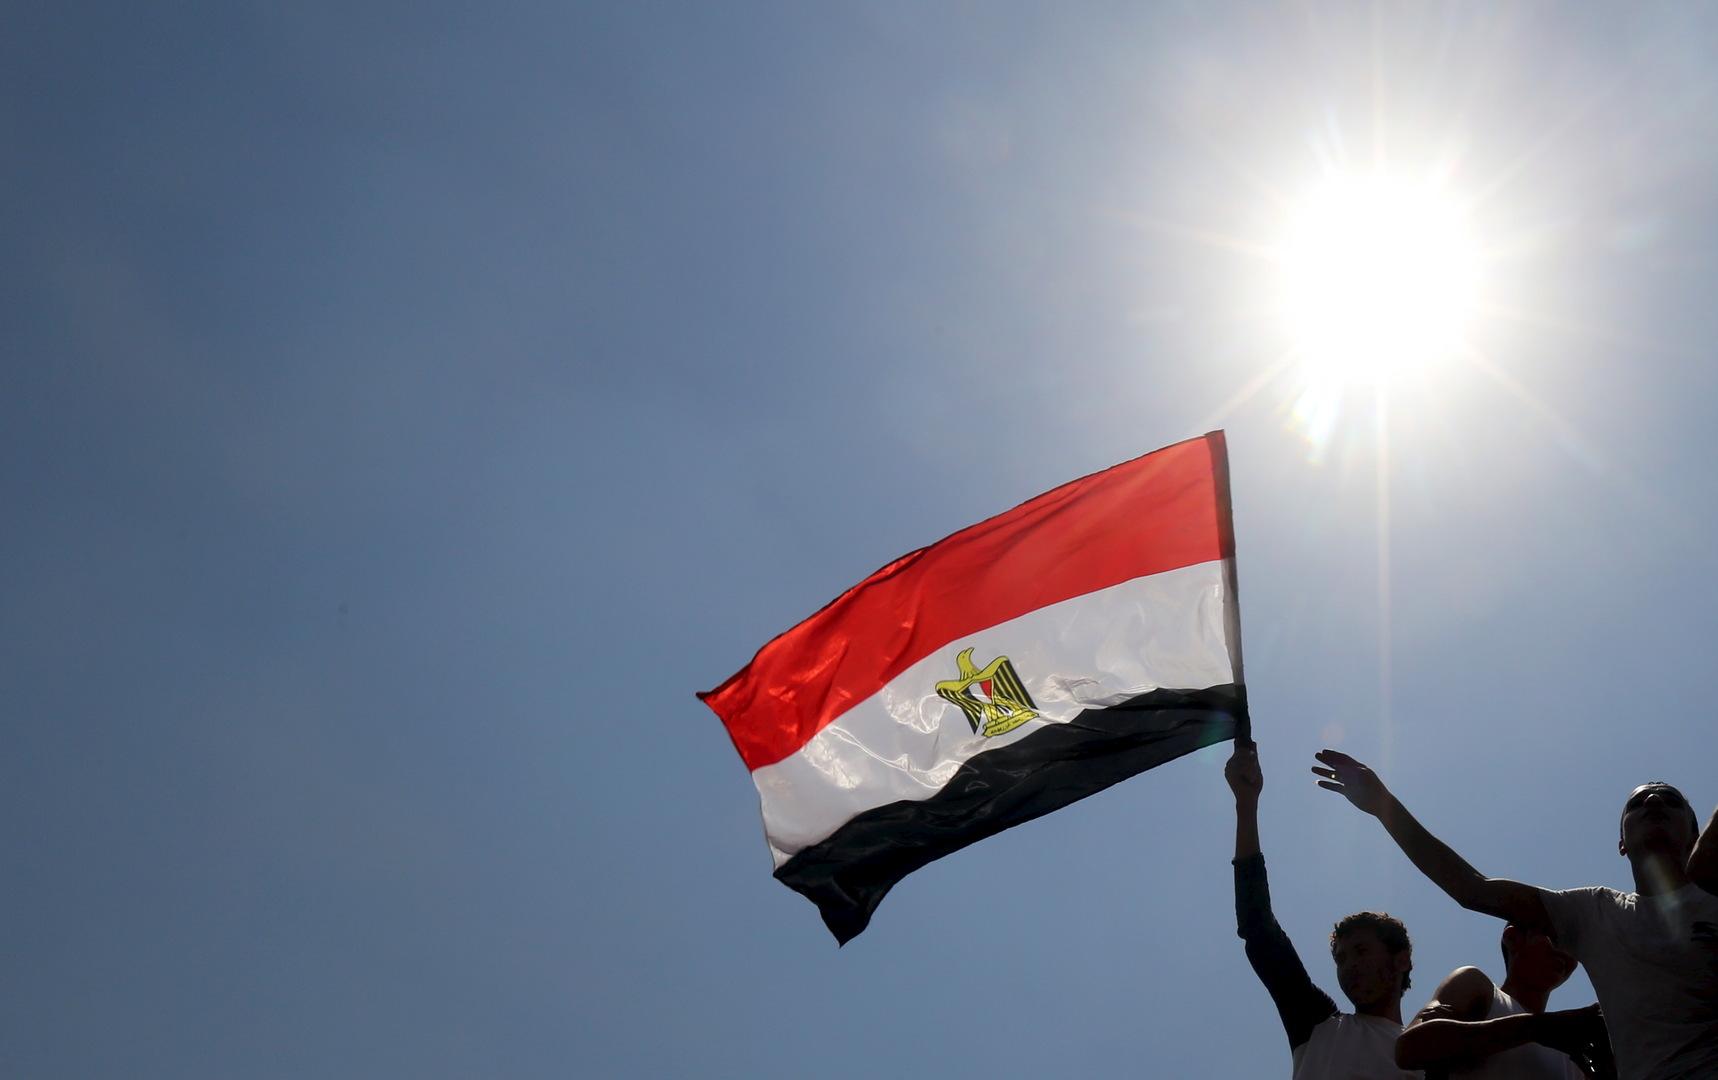 المخابرات المصرية تعلن تحرير عدد من المواطنين المختطفين في ليبيا